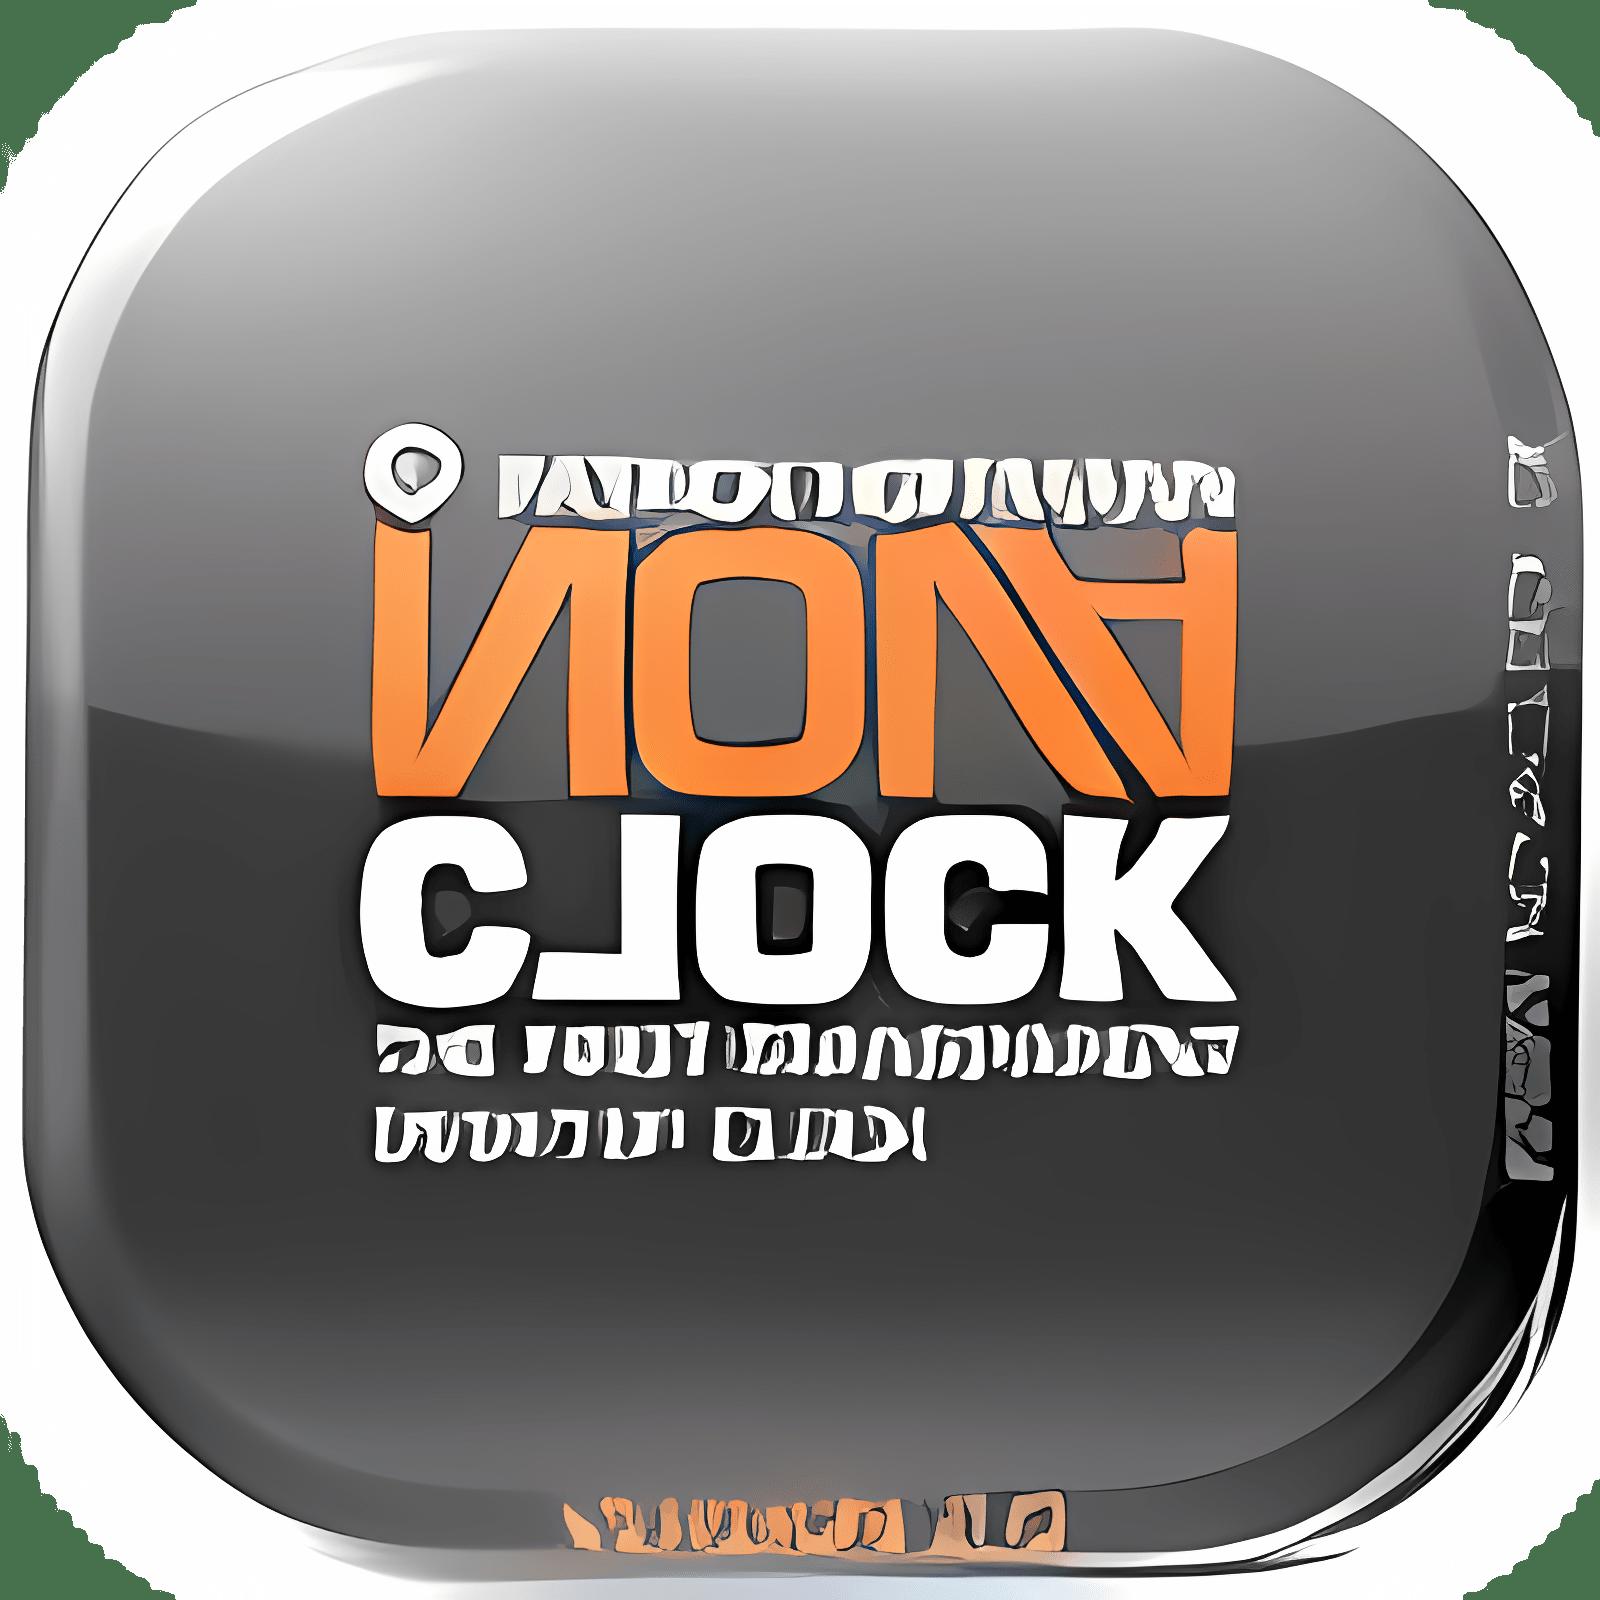 NovaClock 2.0.0.14